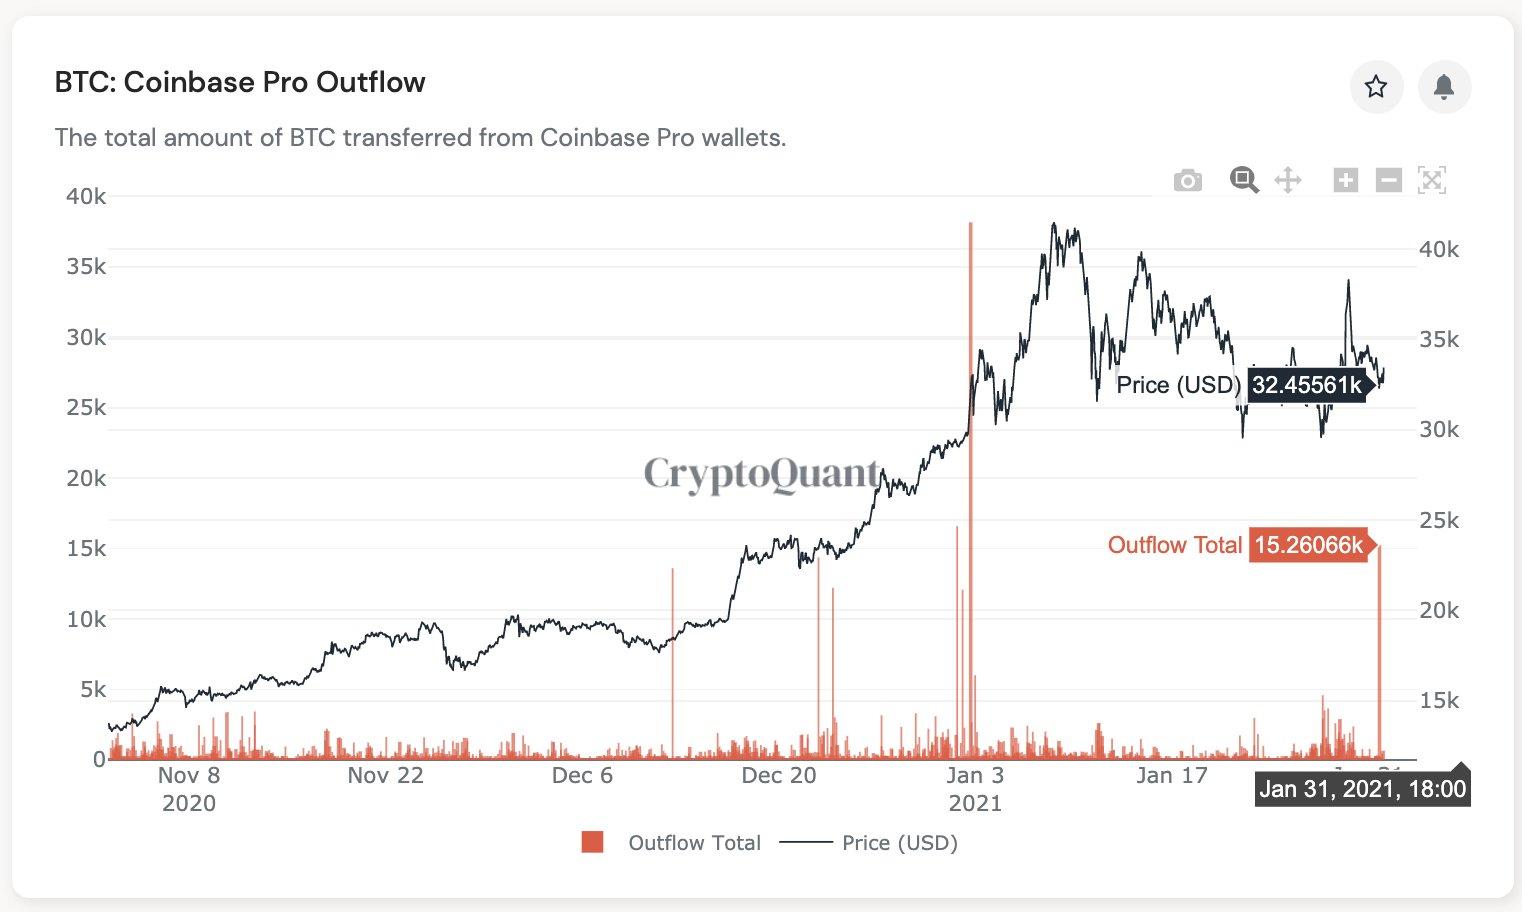 Отток биткоинов с биржи Coinbase